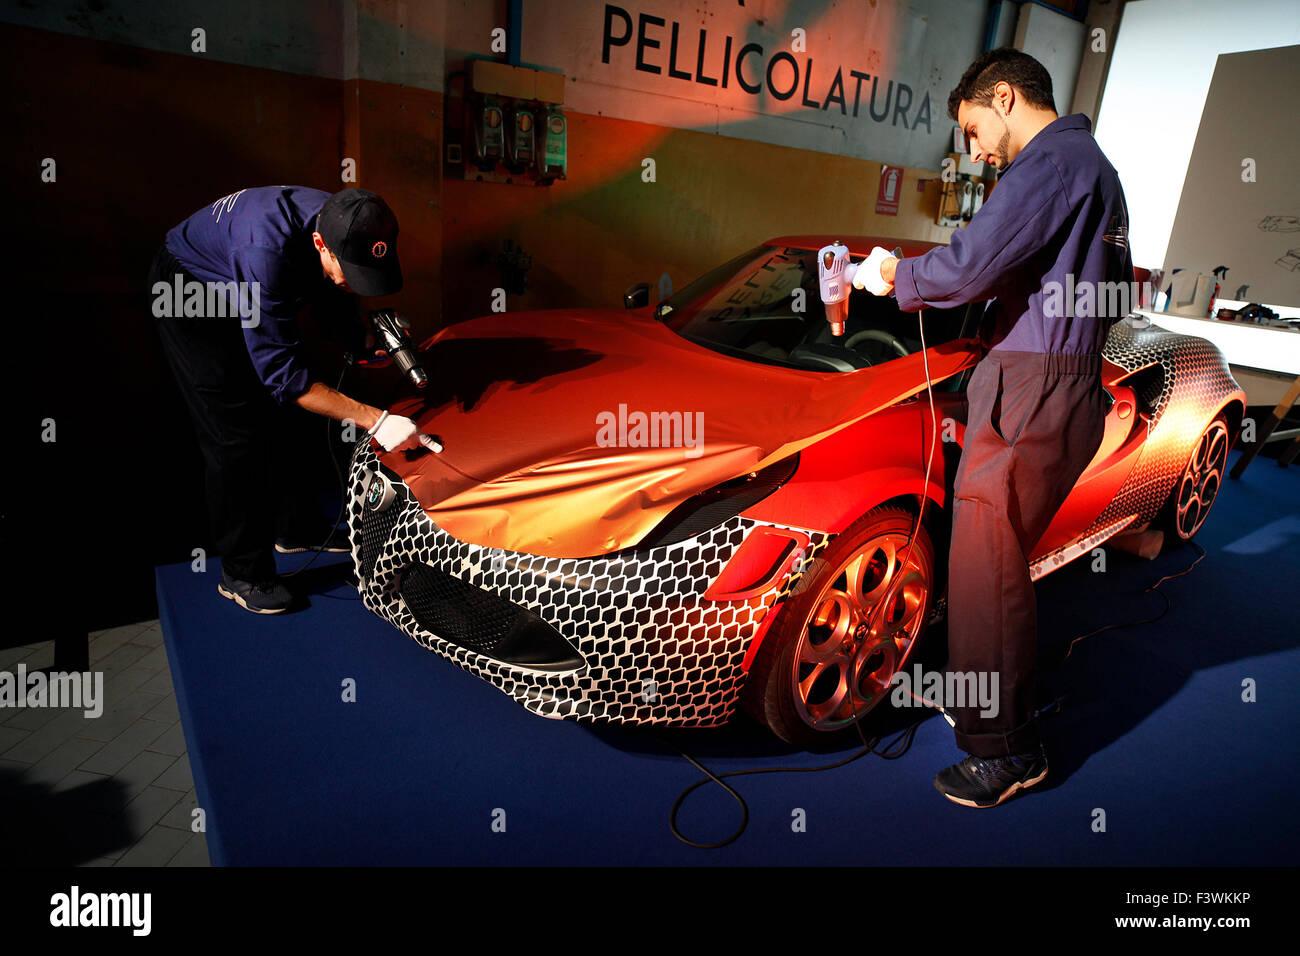 Car Wrap Stock Photos Amp Car Wrap Stock Images Alamy